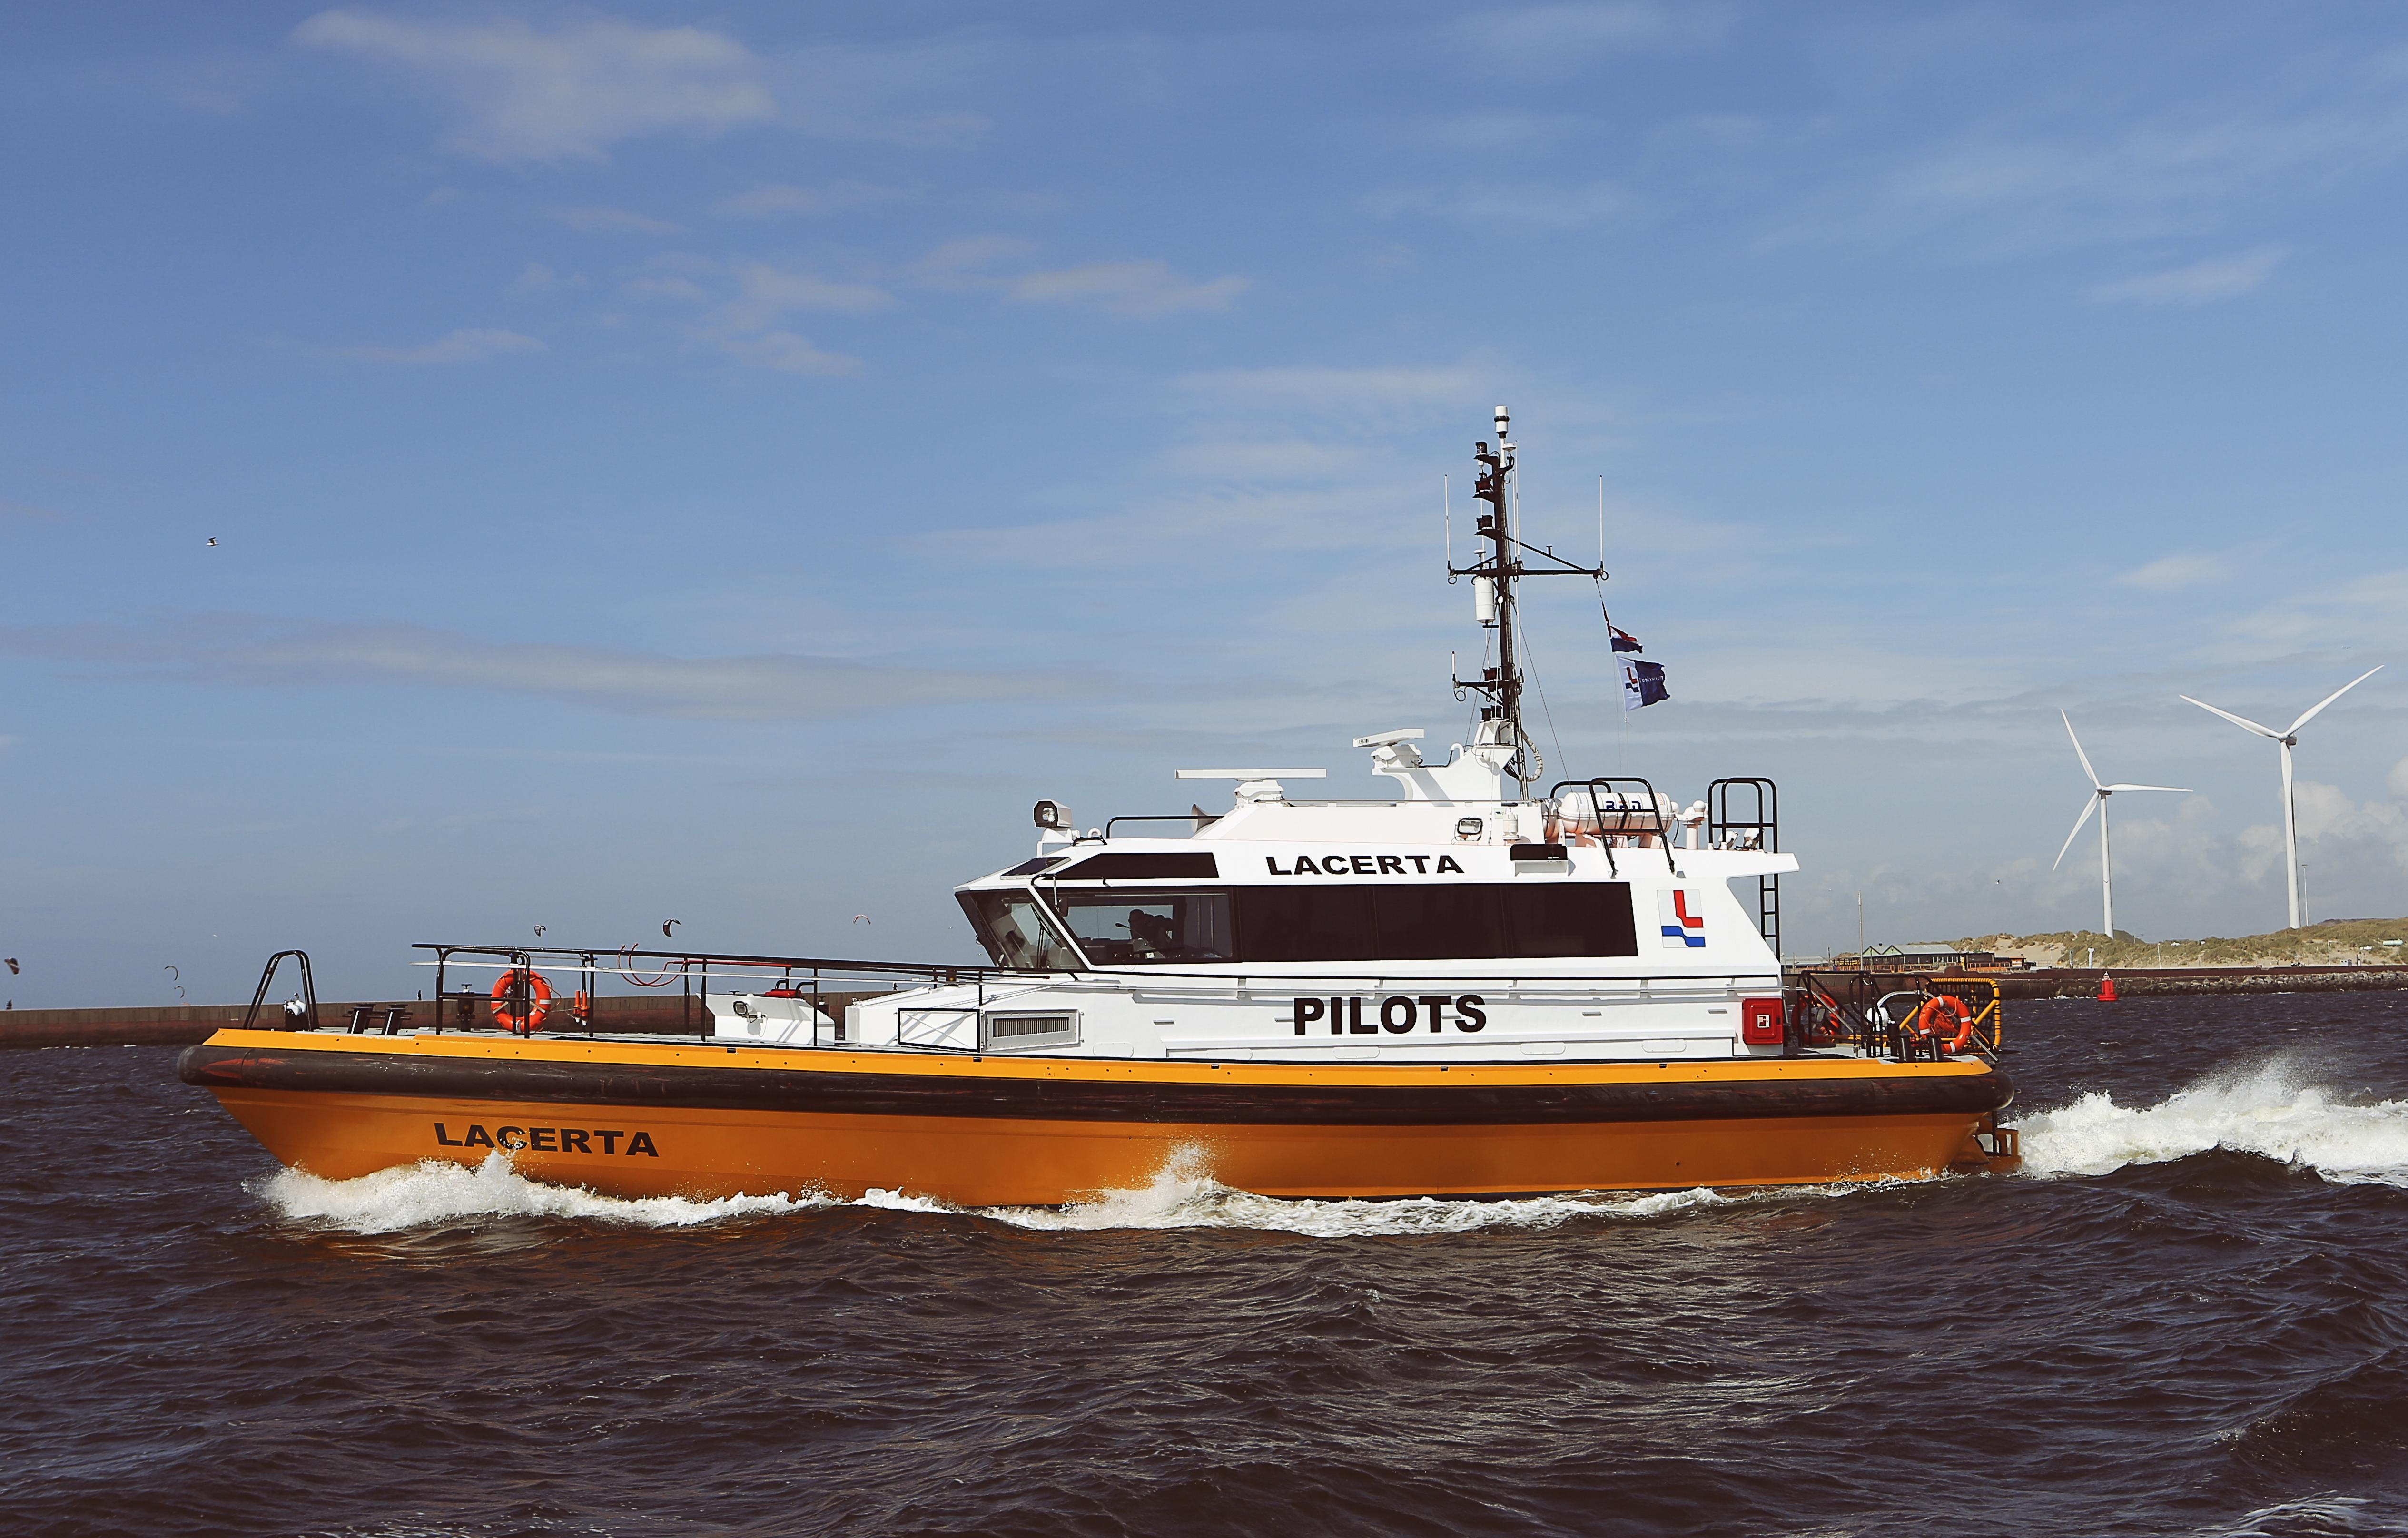 Coast Guard, Coast, Guard, Sea, Water, HQ Photo